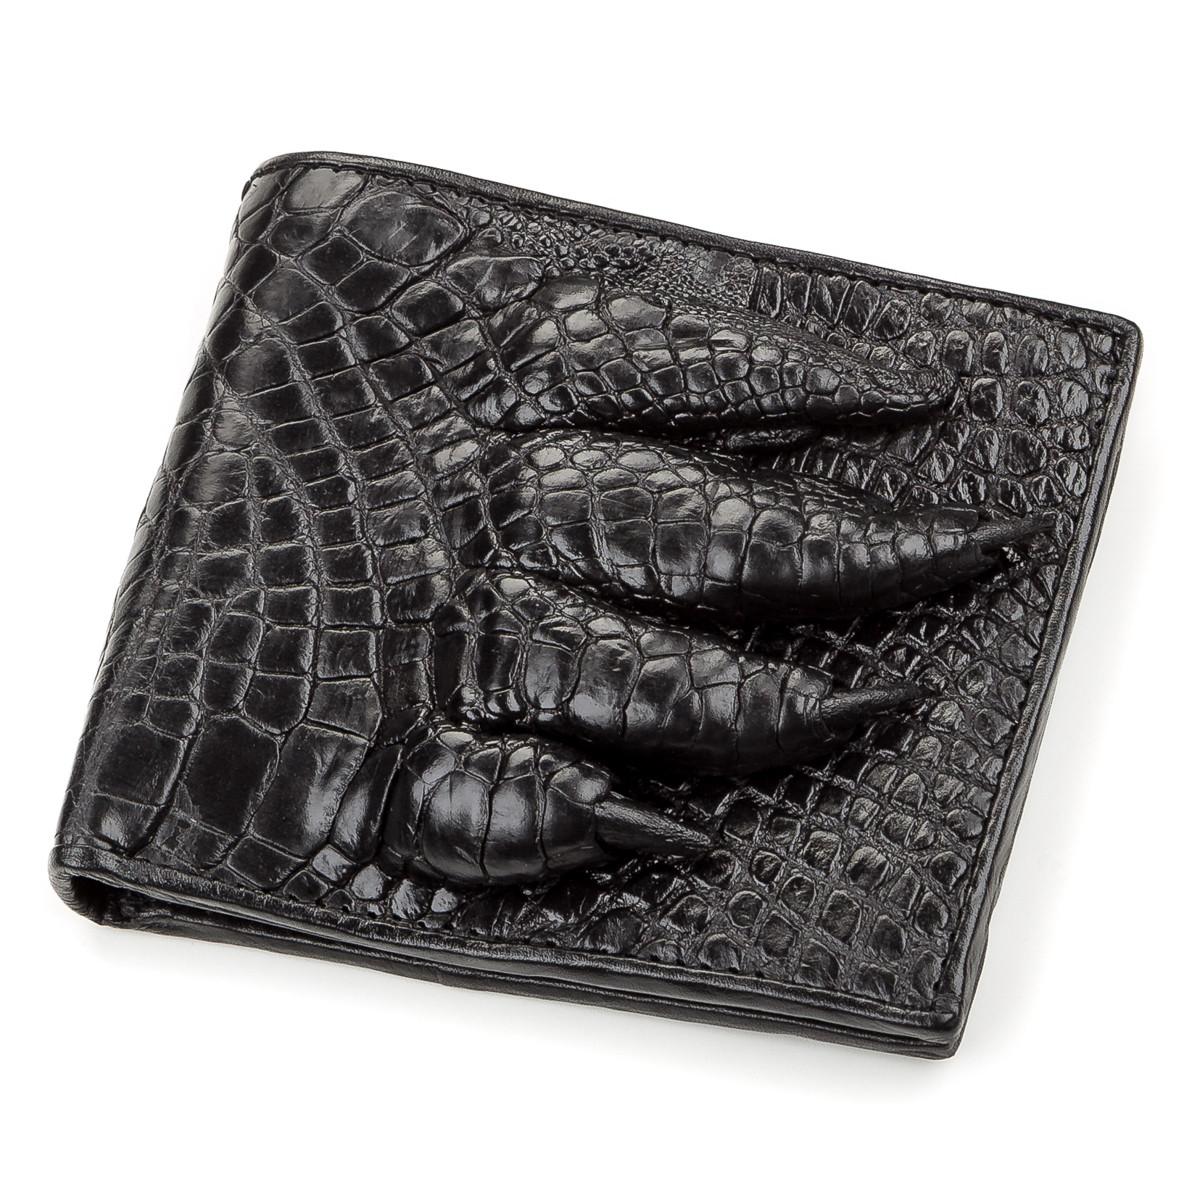 Кошелек мужской CROCODILE LEATHER 18200 из натуральной кожи крокодила Черный